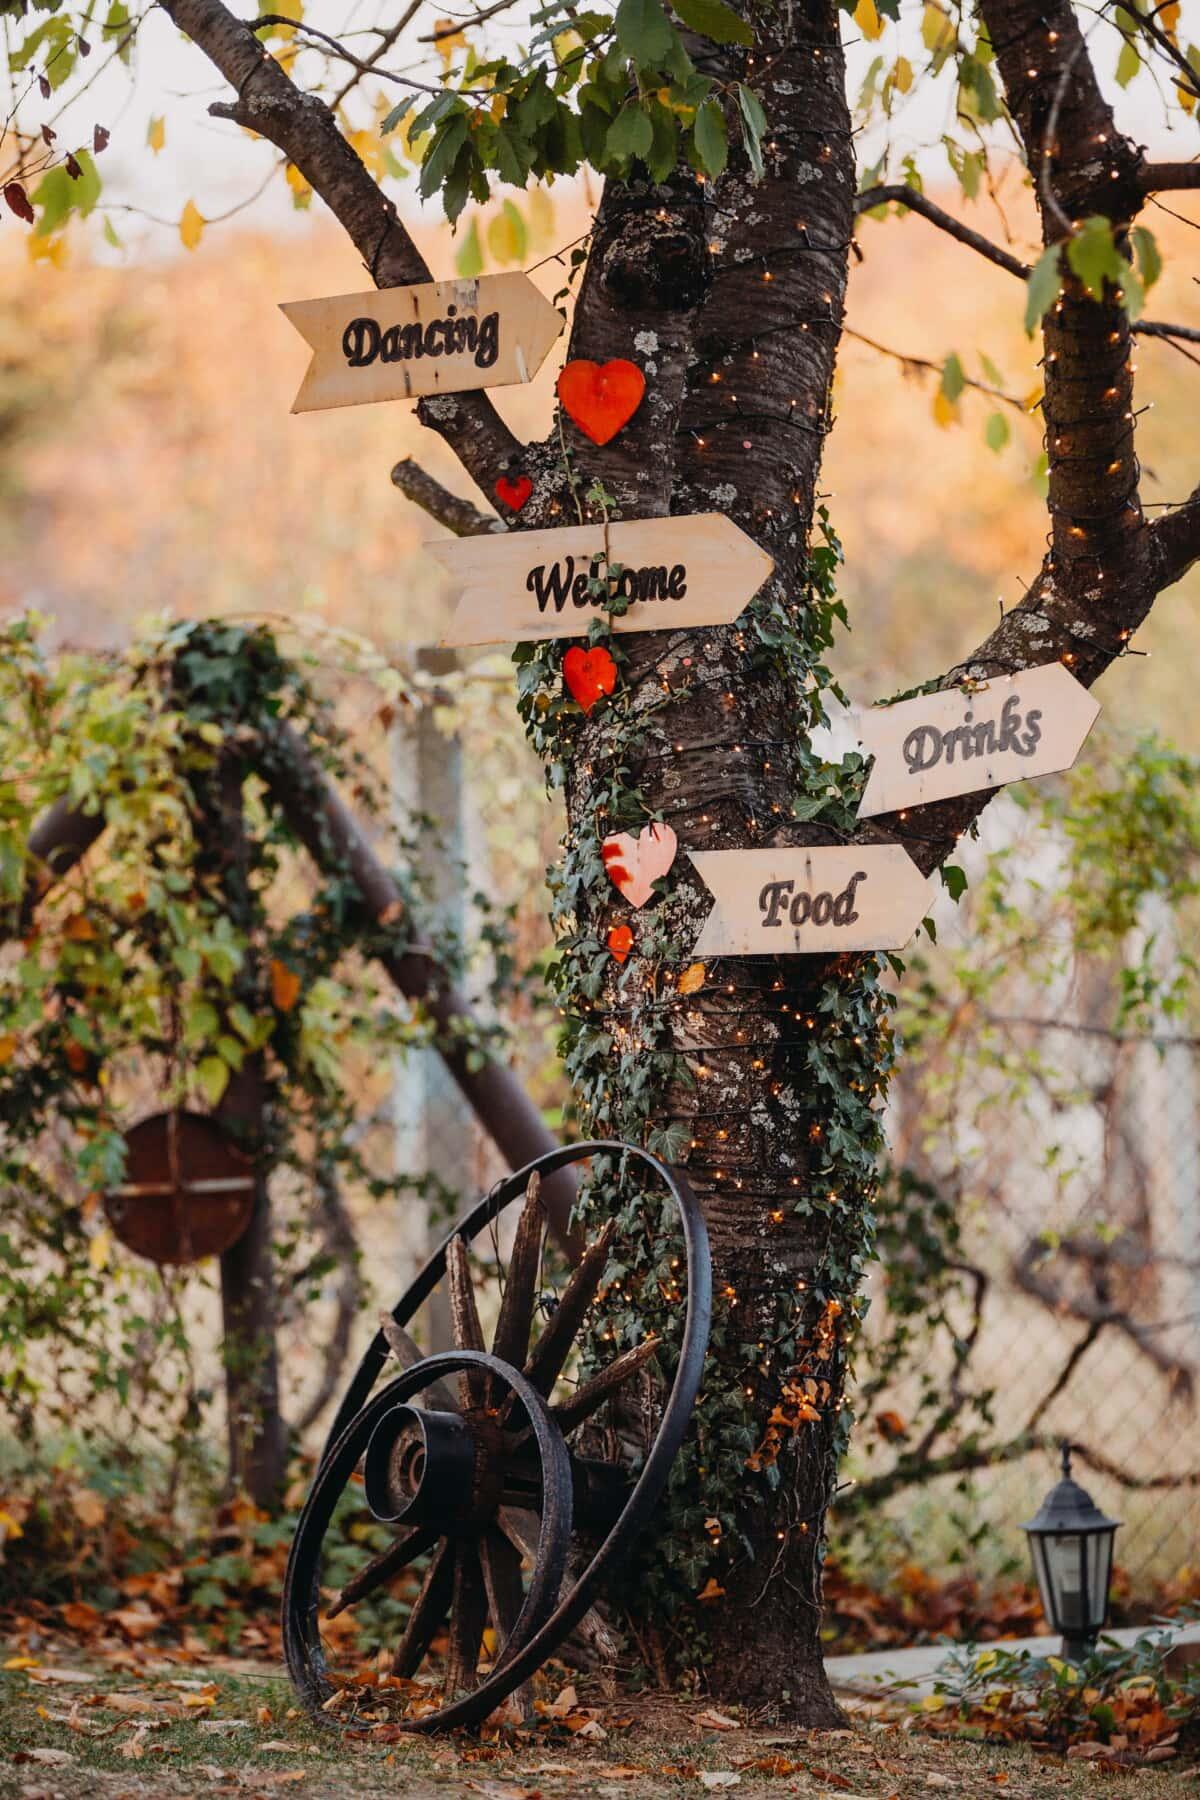 Herzlich Willkommen, Pfeil, Zeichen, Liebe, romantische, Garten, Struktur, im freien, Blatt, Natur